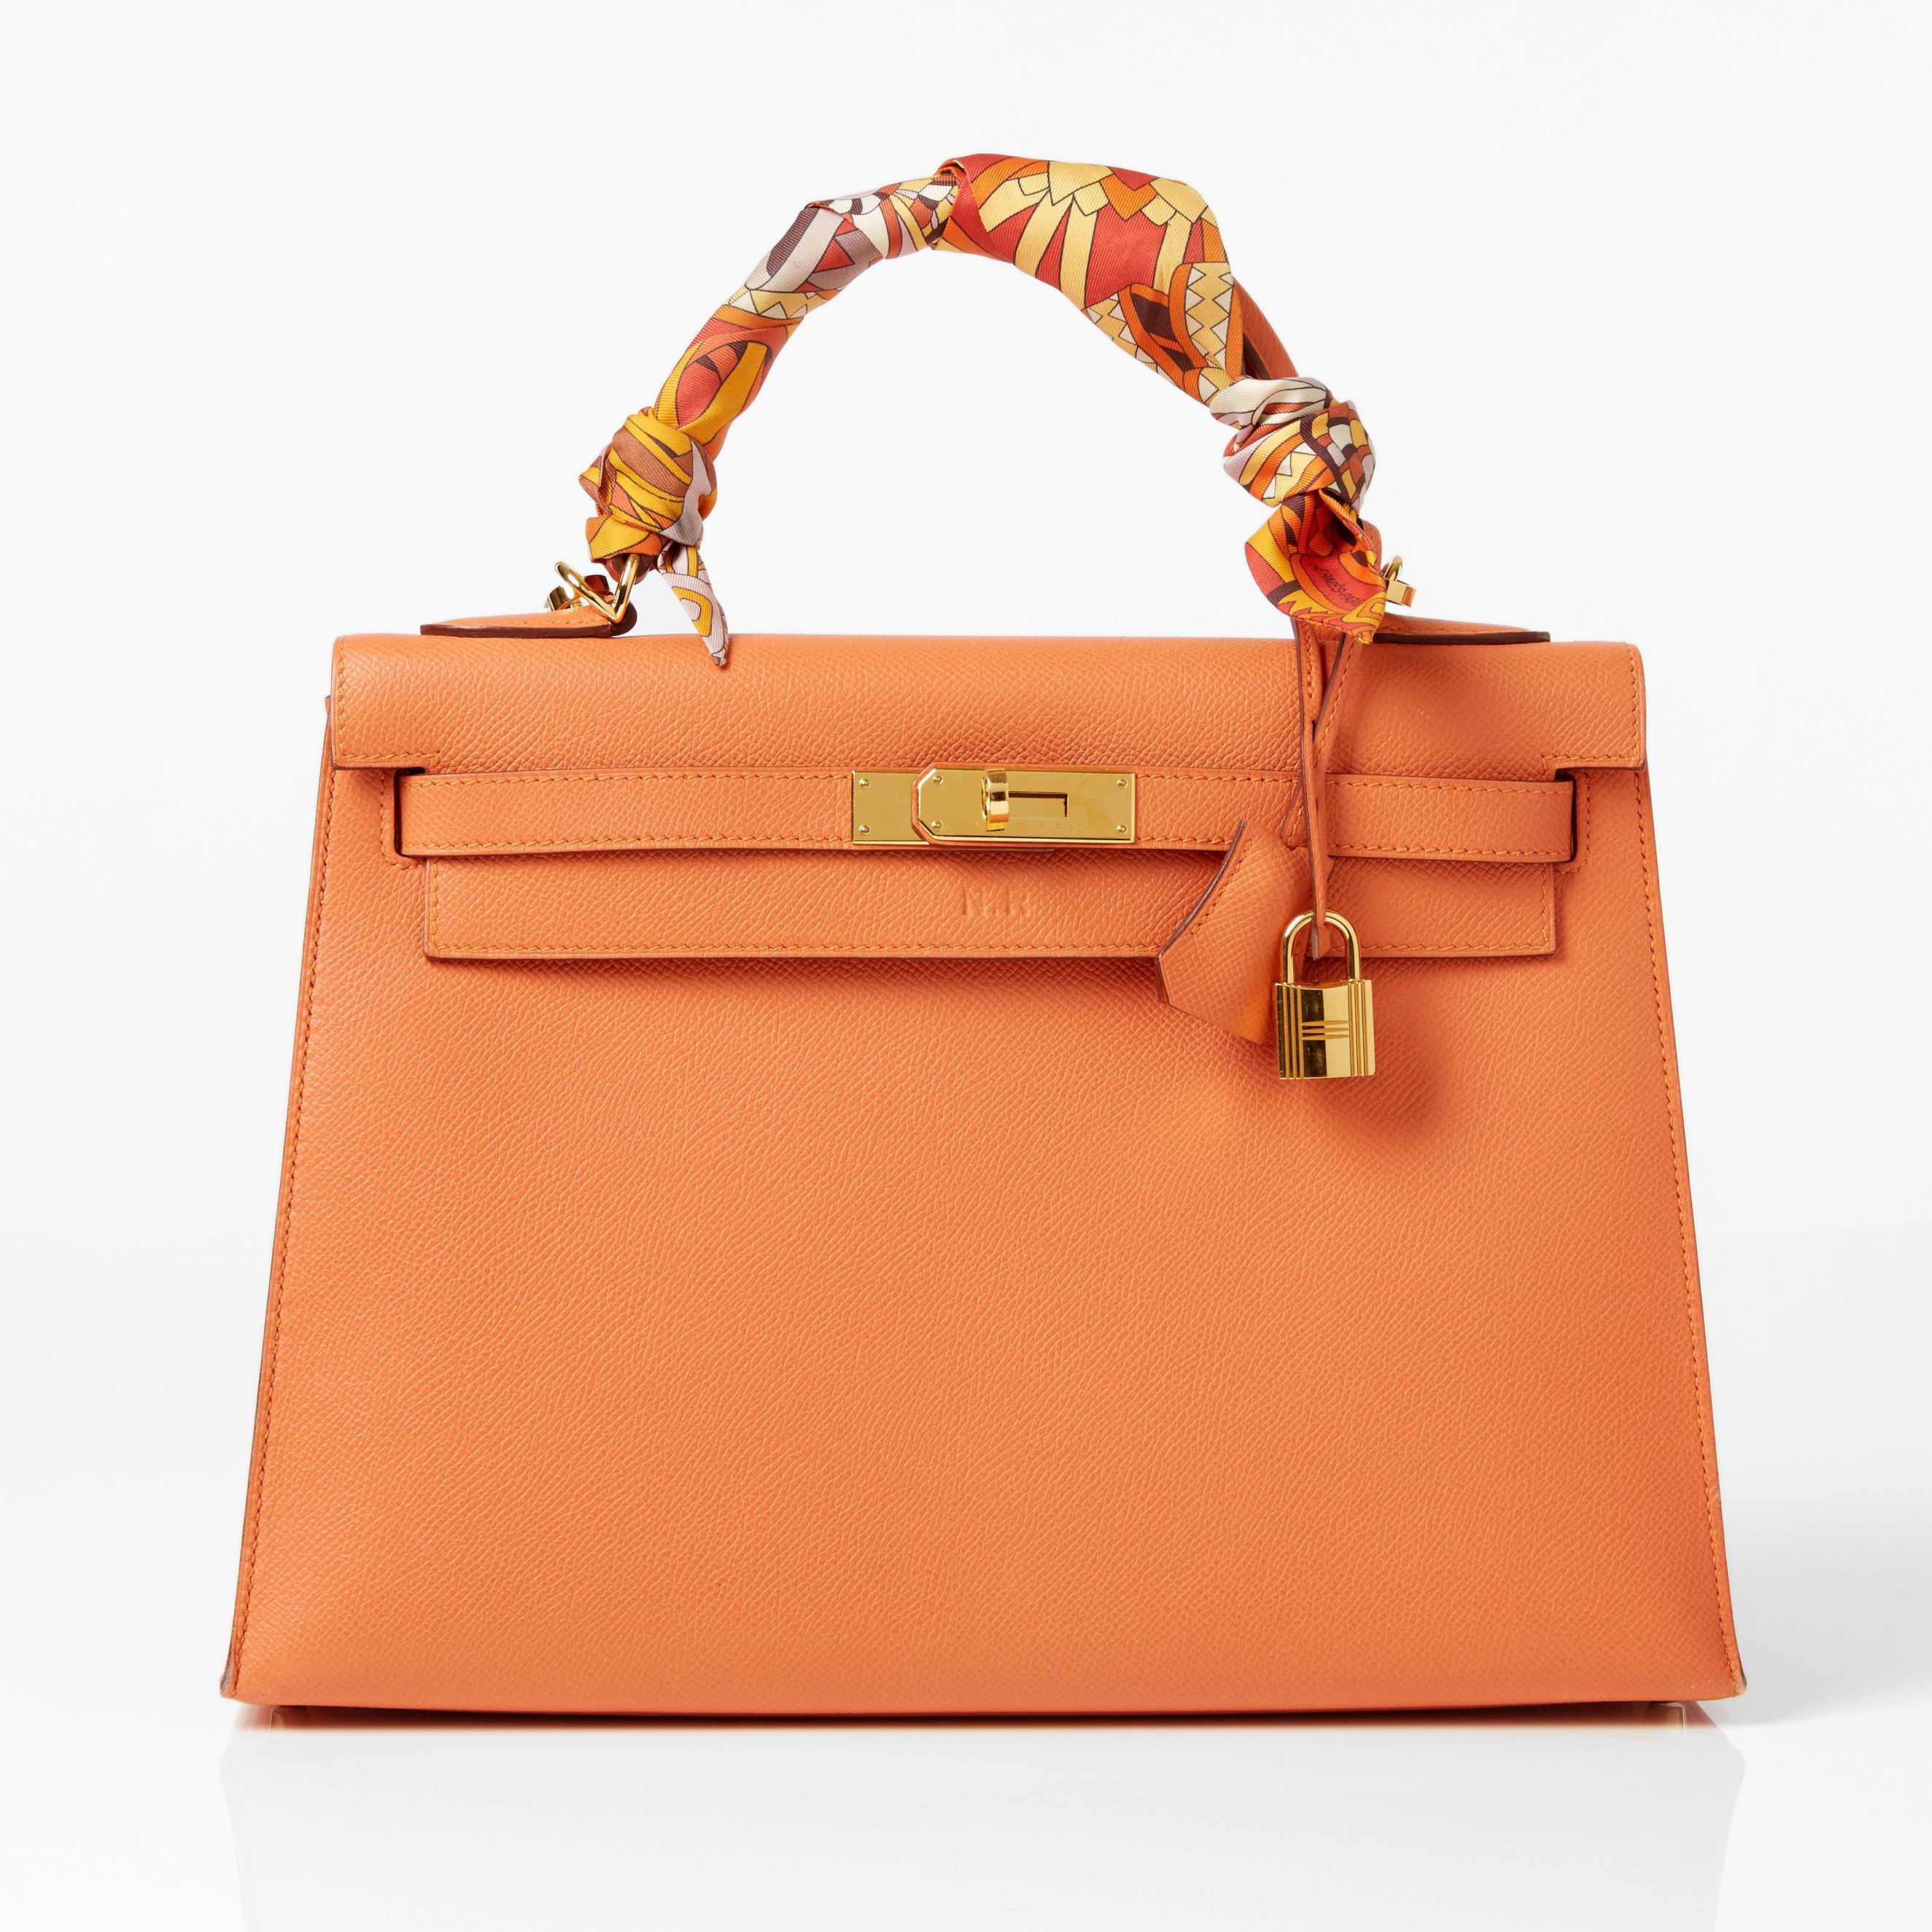 HERMÈS, handväska Kelly 32 cm i orange Epsom kalvskinn rigid med guldpläterat spänne och lås, handtag med tvinnad twilly i foulardsiden. Bild: Stockholms Auktionsverk